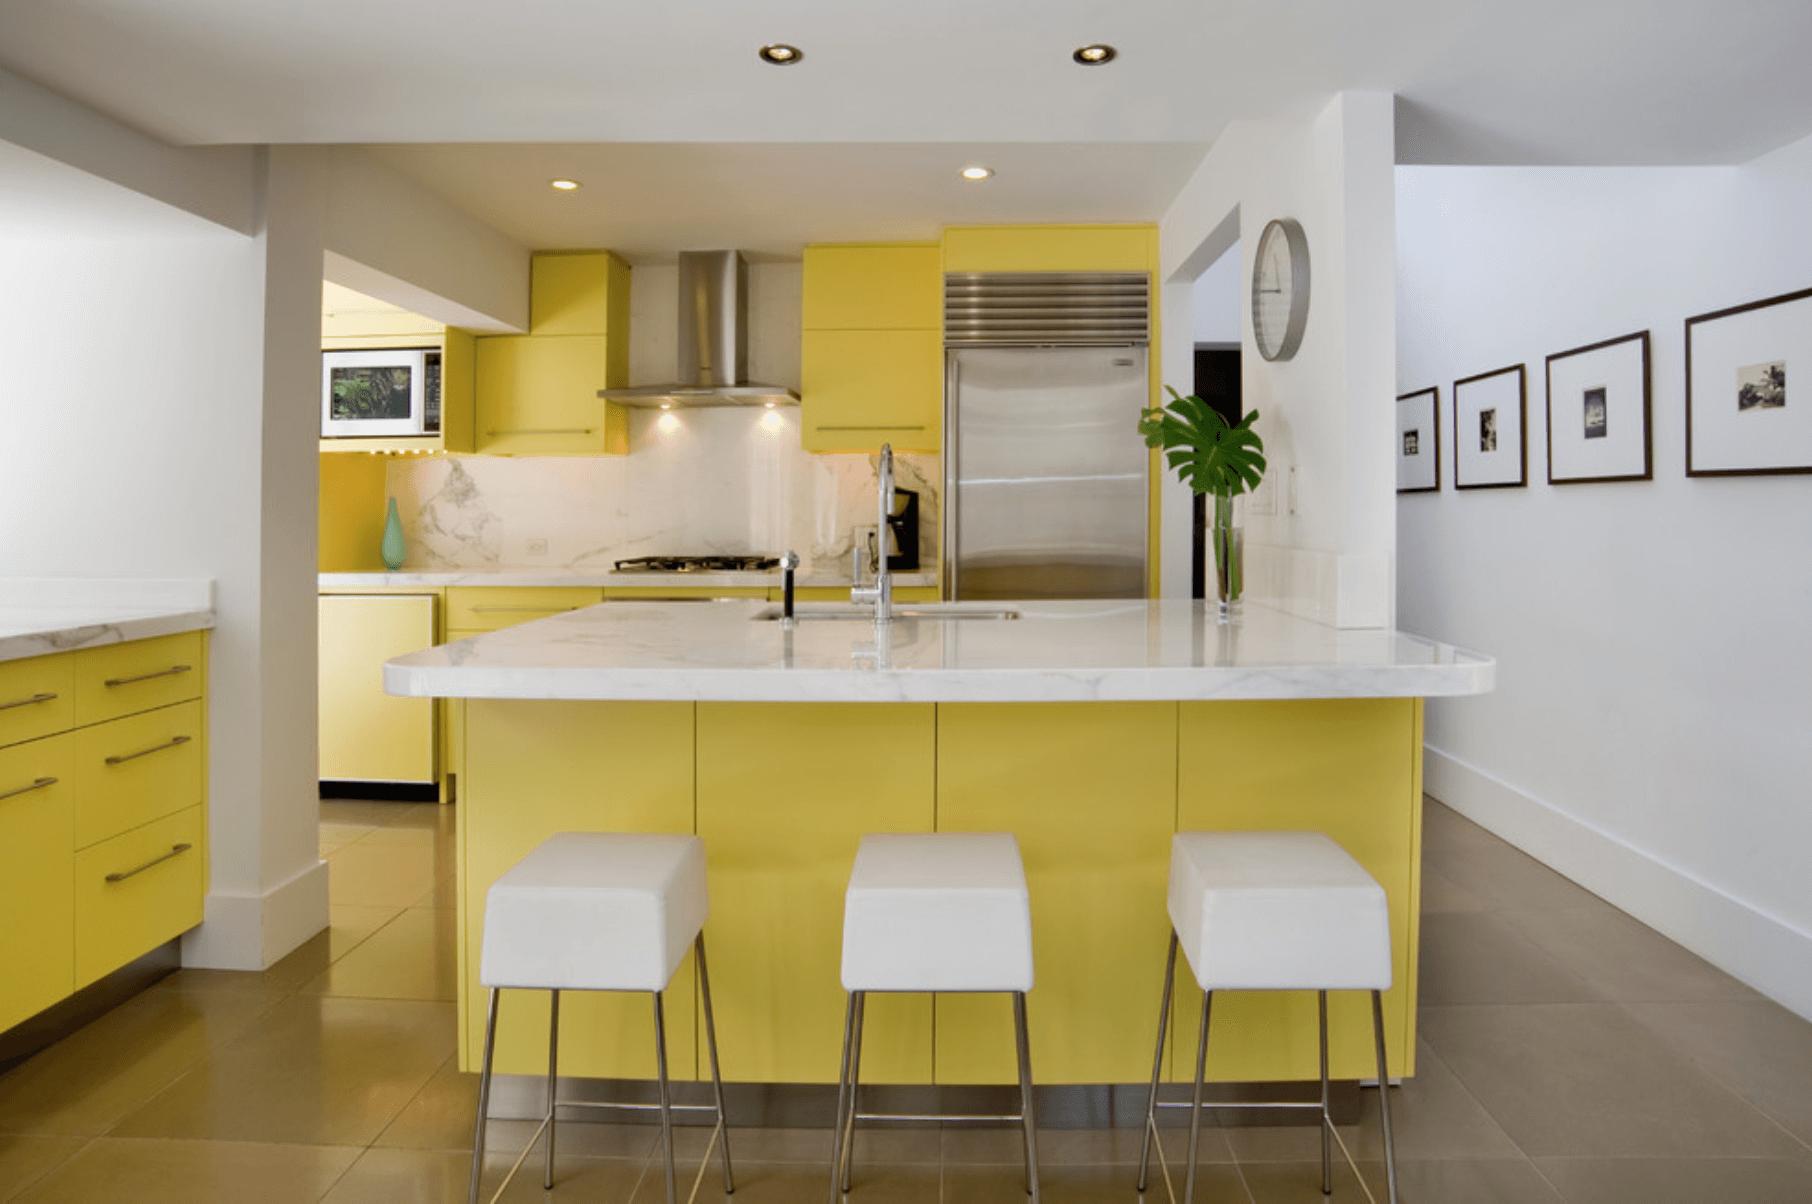 Дизайн кухни в оттенках желтого цвета. Фото 4